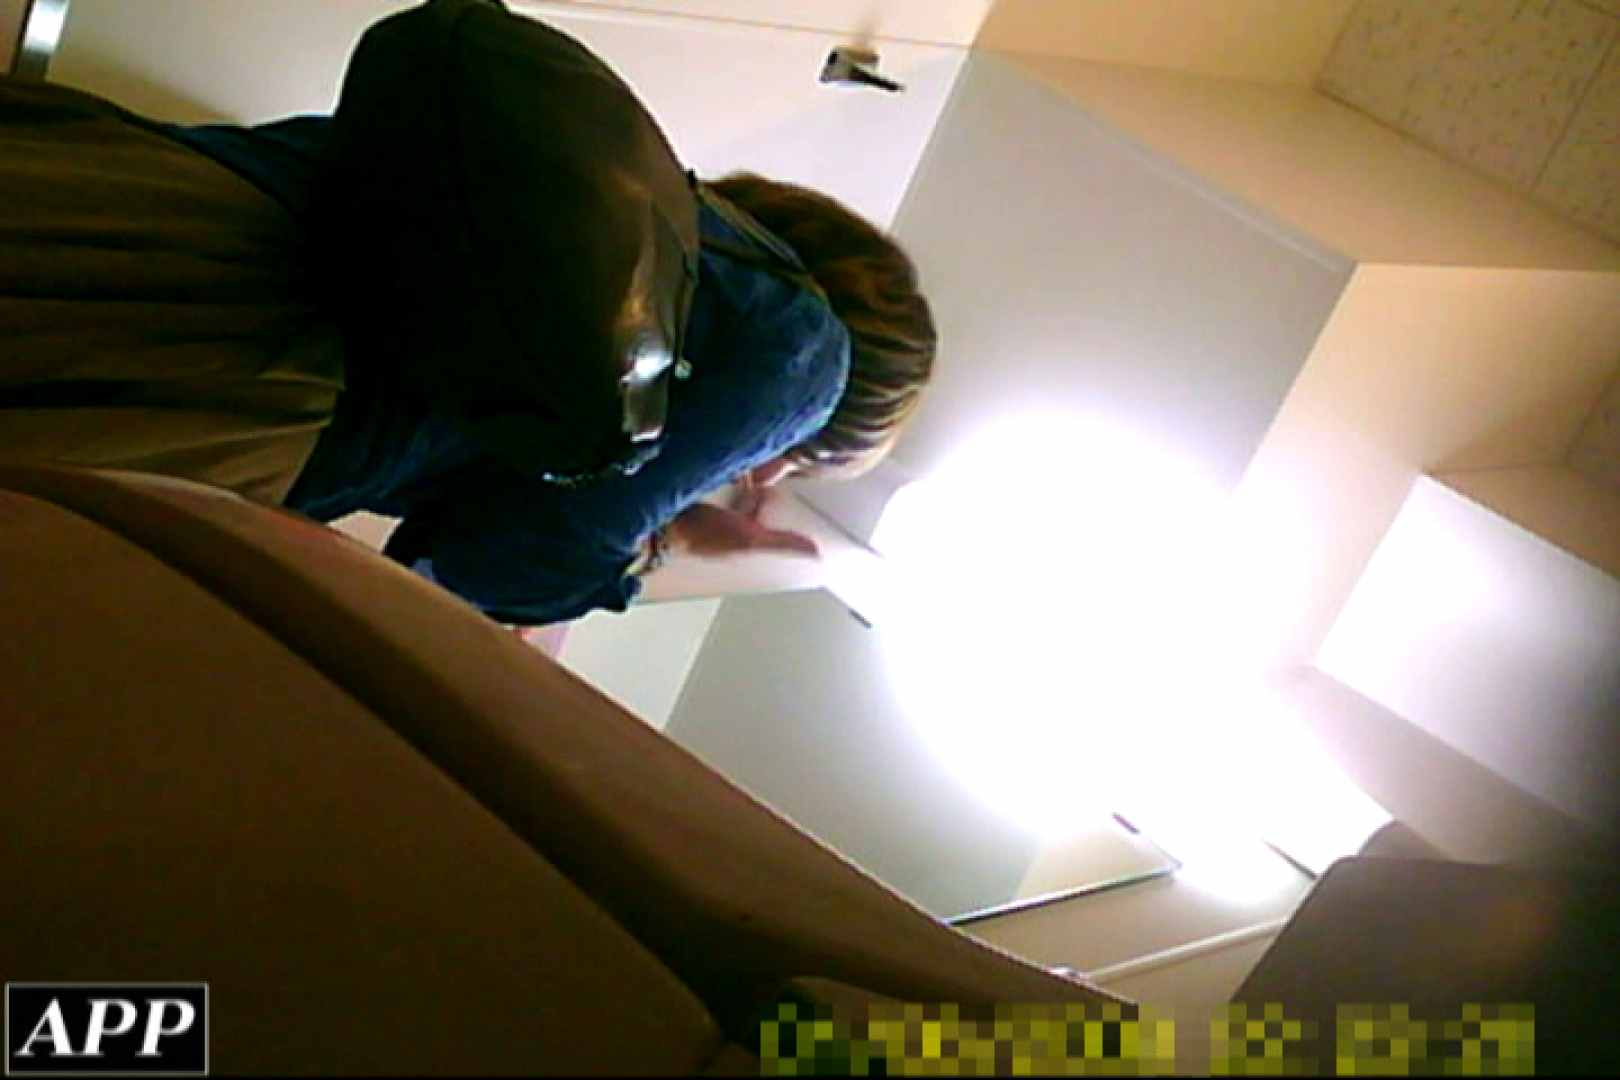 3視点洗面所 vol.142 マンコ・ムレムレ のぞき動画画像 87pic 81